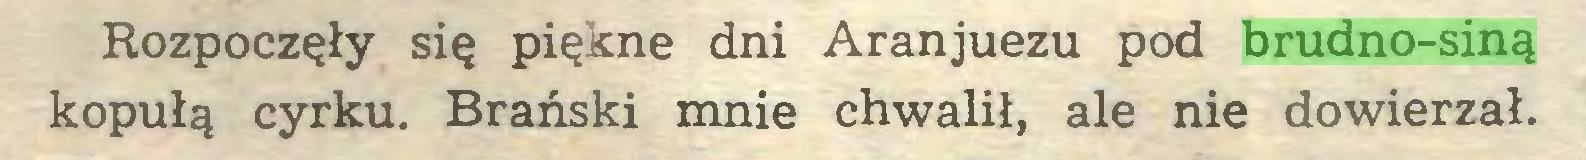 (...) Rozpoczęły się piękne dni Aranjuezu pod brudno-siną kopułą cyrku. Brański mnie chwalił, ale nie dowierzał...